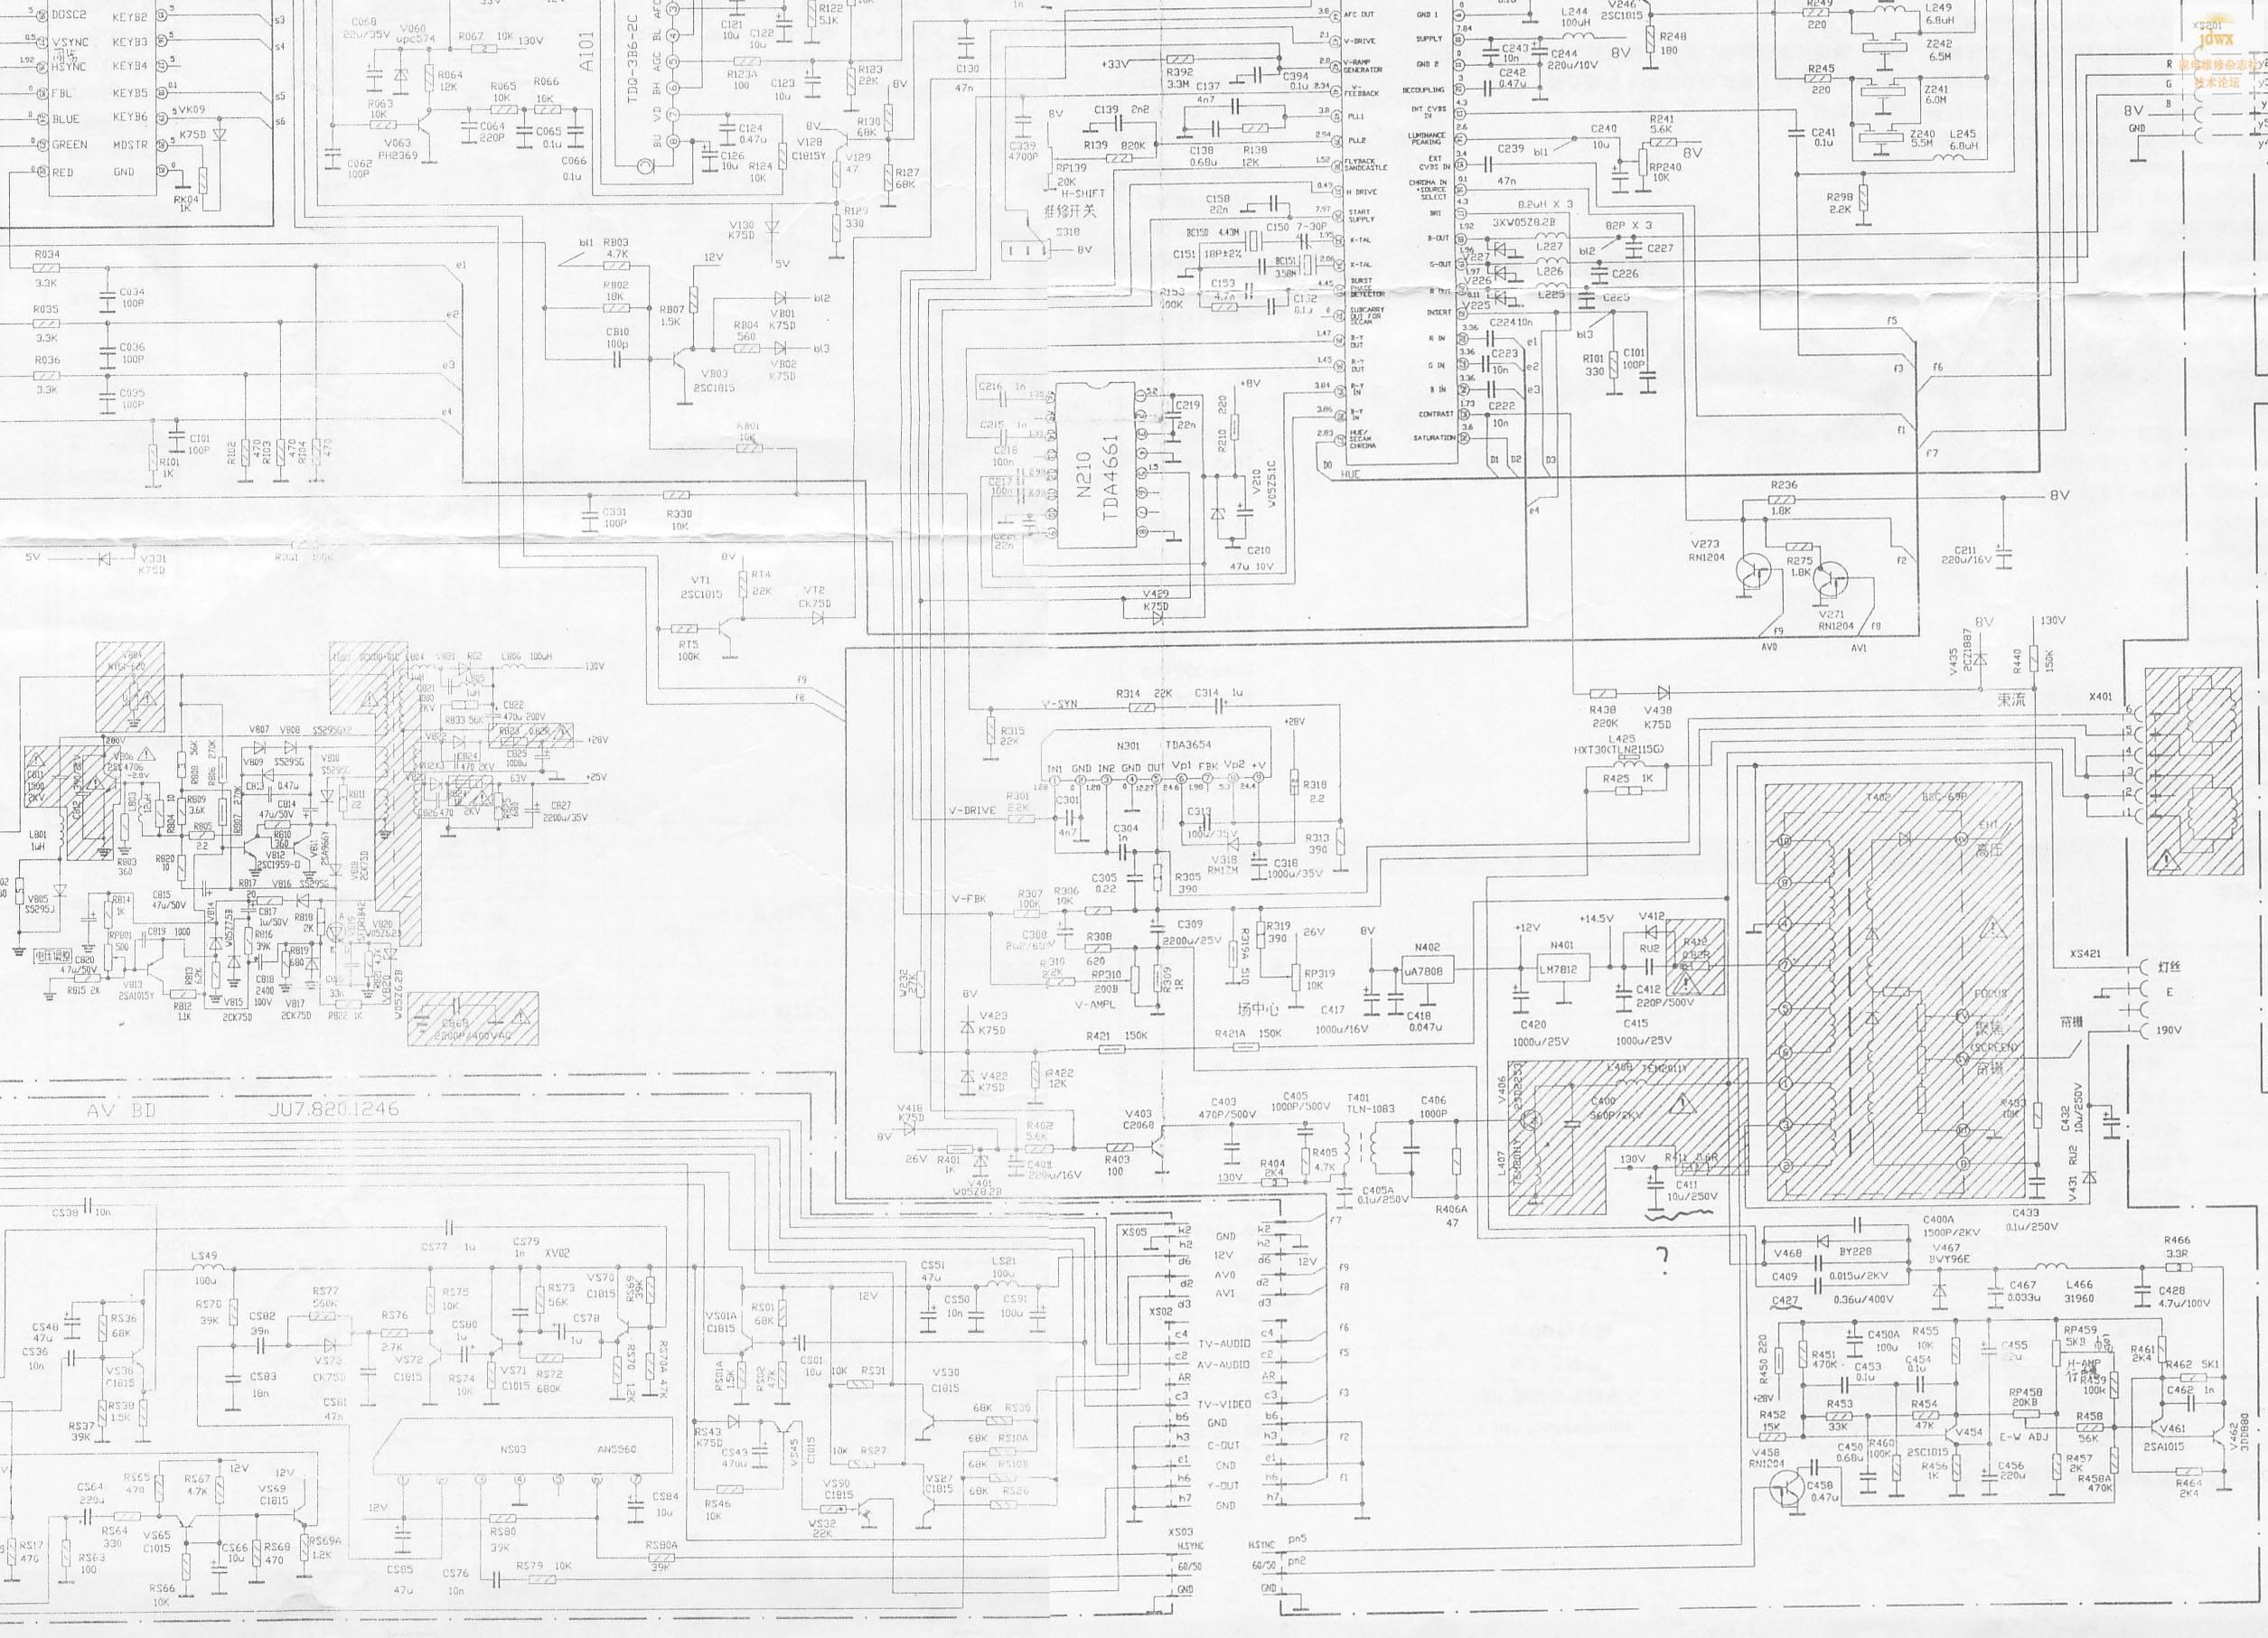 长虹pf2118电路原理图